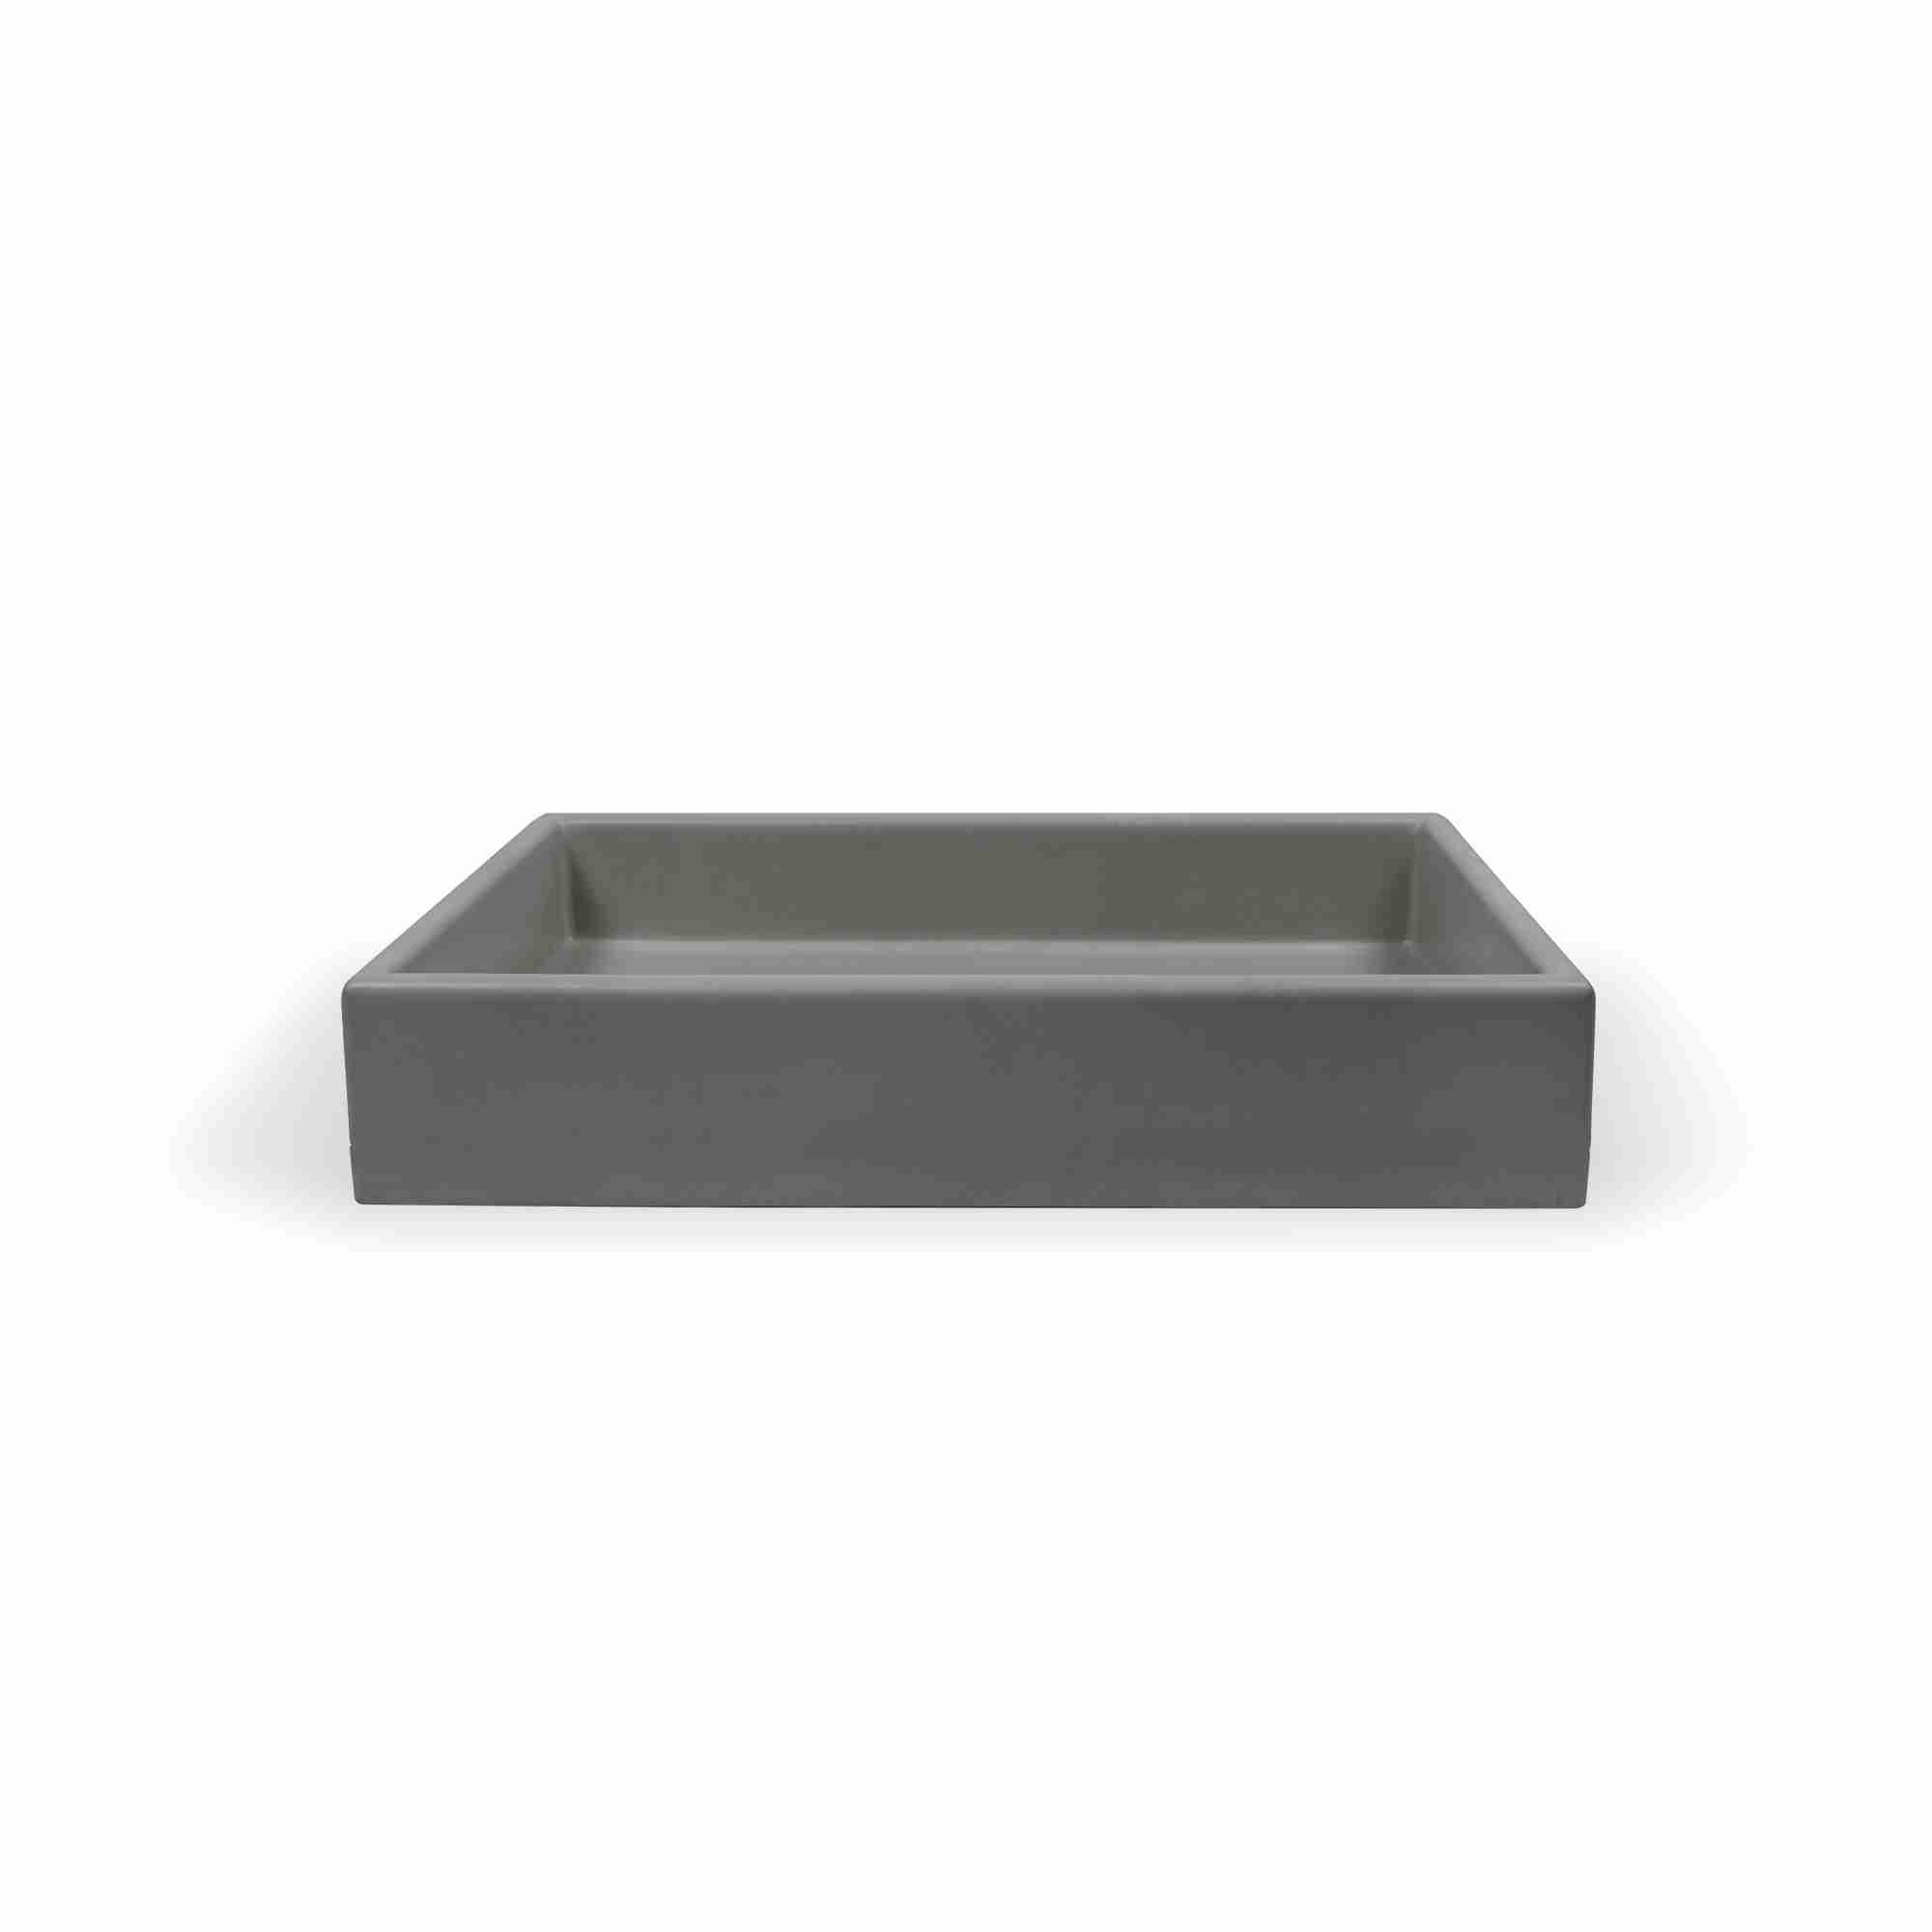 Box Original 8